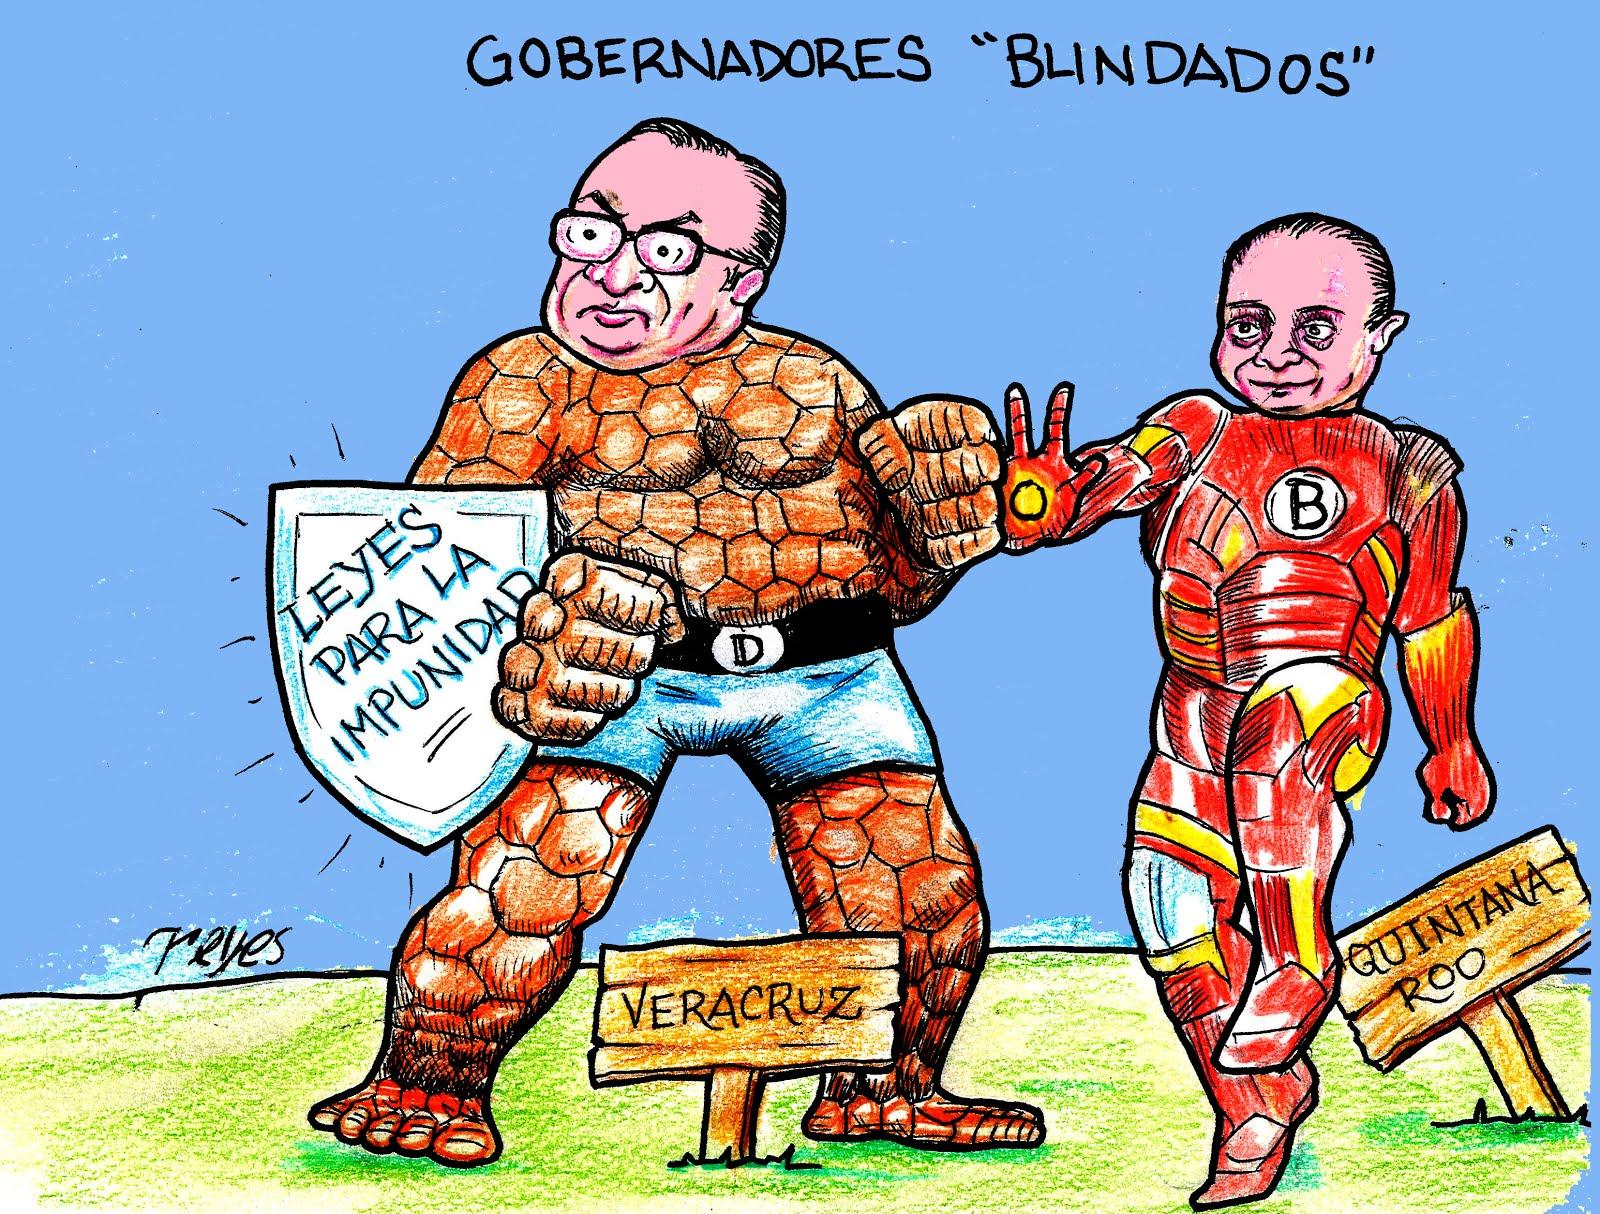 Gobernadores blindados